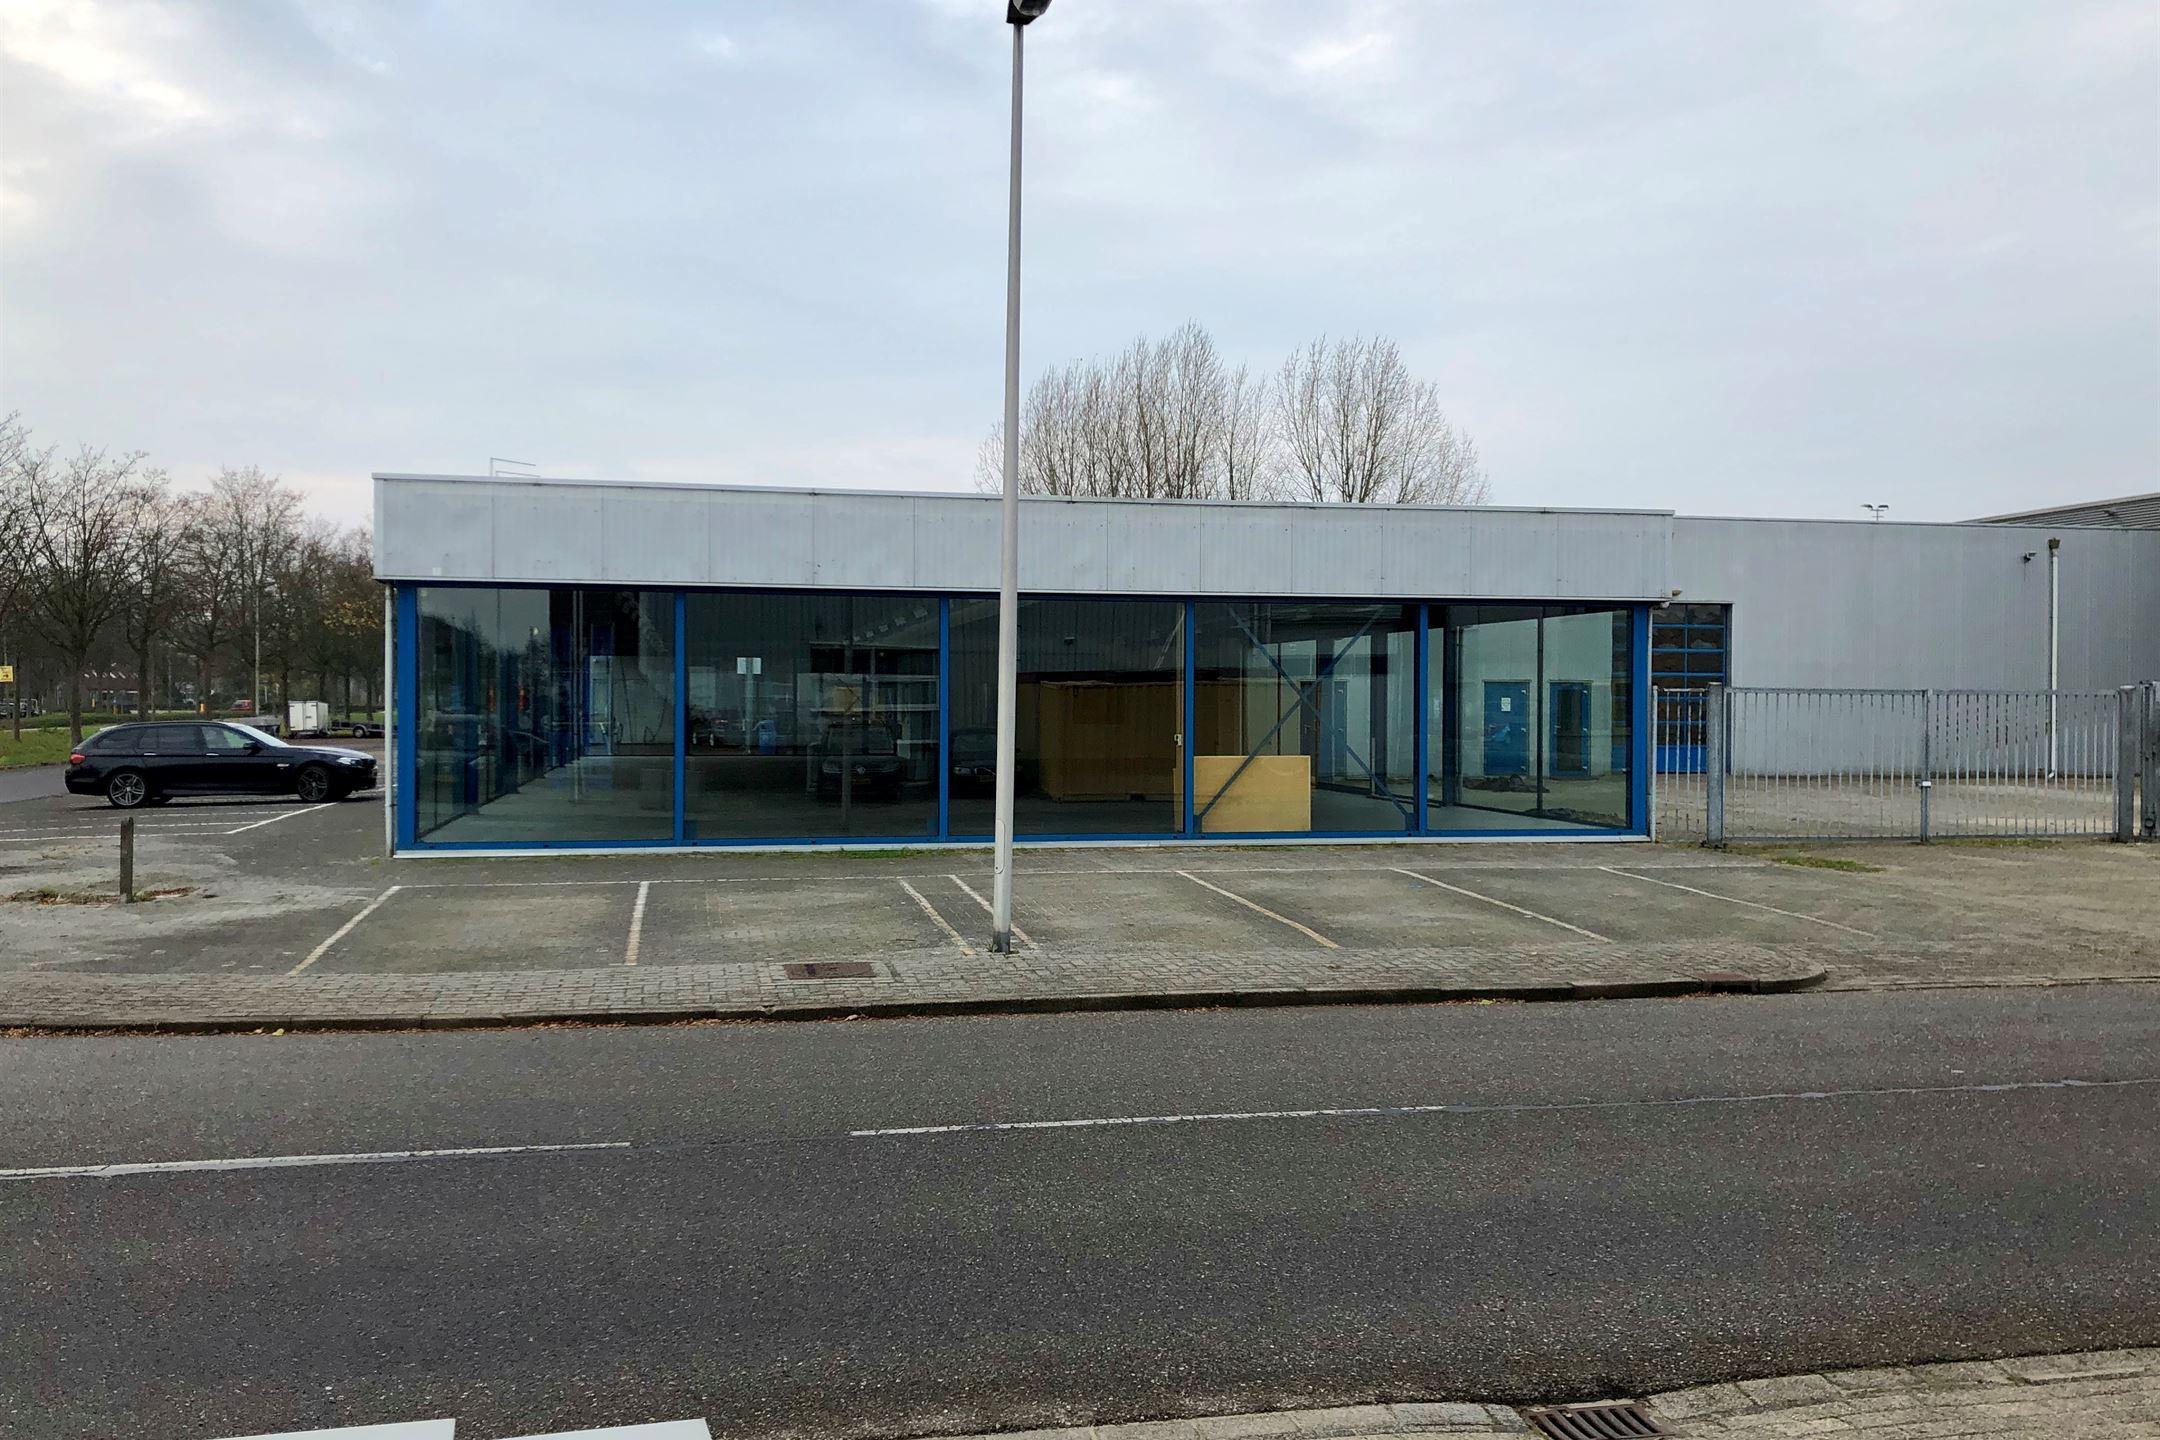 Piet Klerkx Purmerend : Bedrijfshal purmerend zoek bedrijfshallen te huur ohmstraat